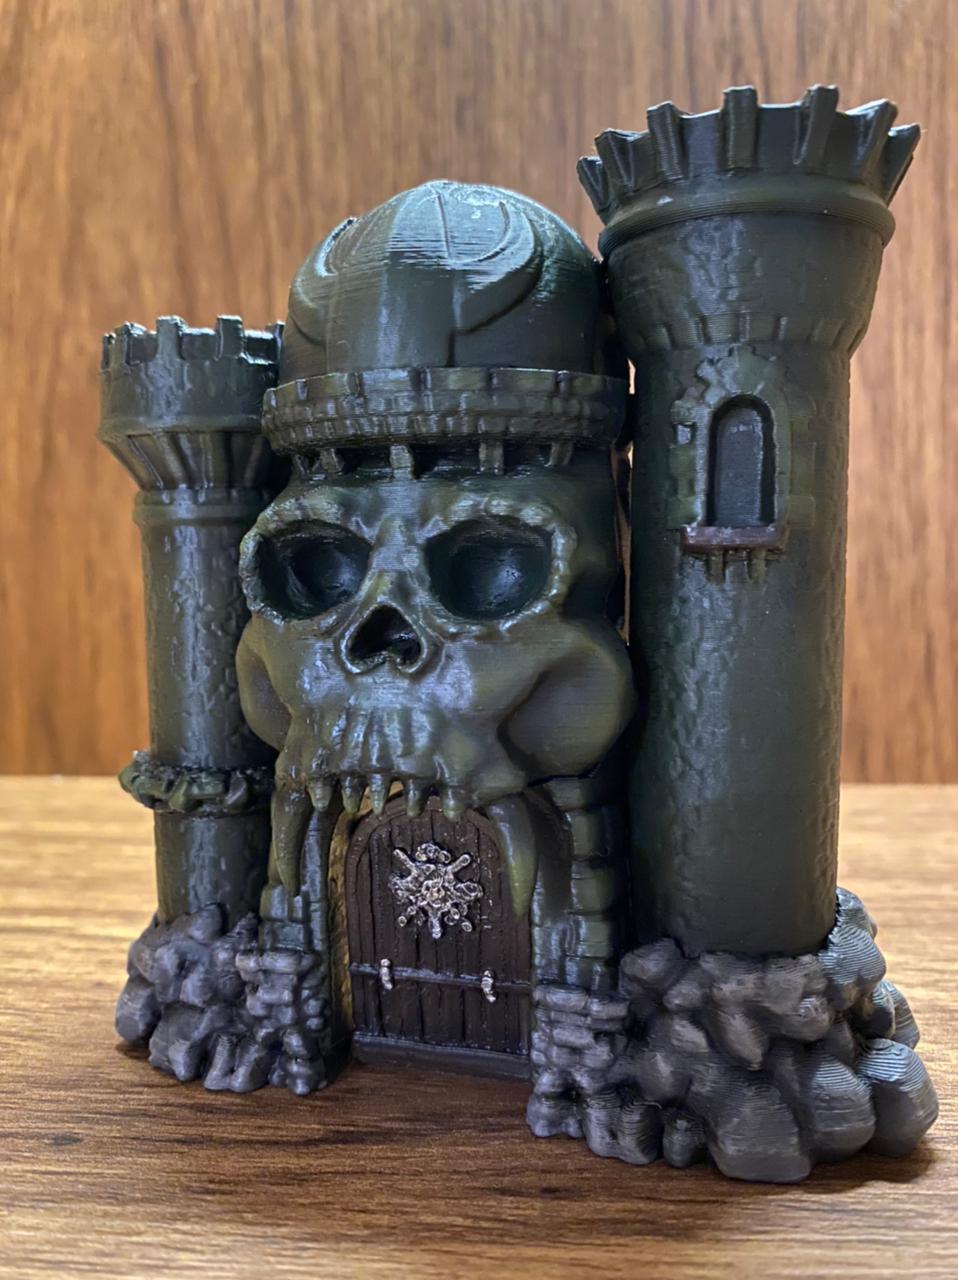 Réplica Castelo de Grayskull (Castle Of Grayskull): Mestres do Universo - He-Man (Mini Edition) Edição Limitada (Limited Edition)